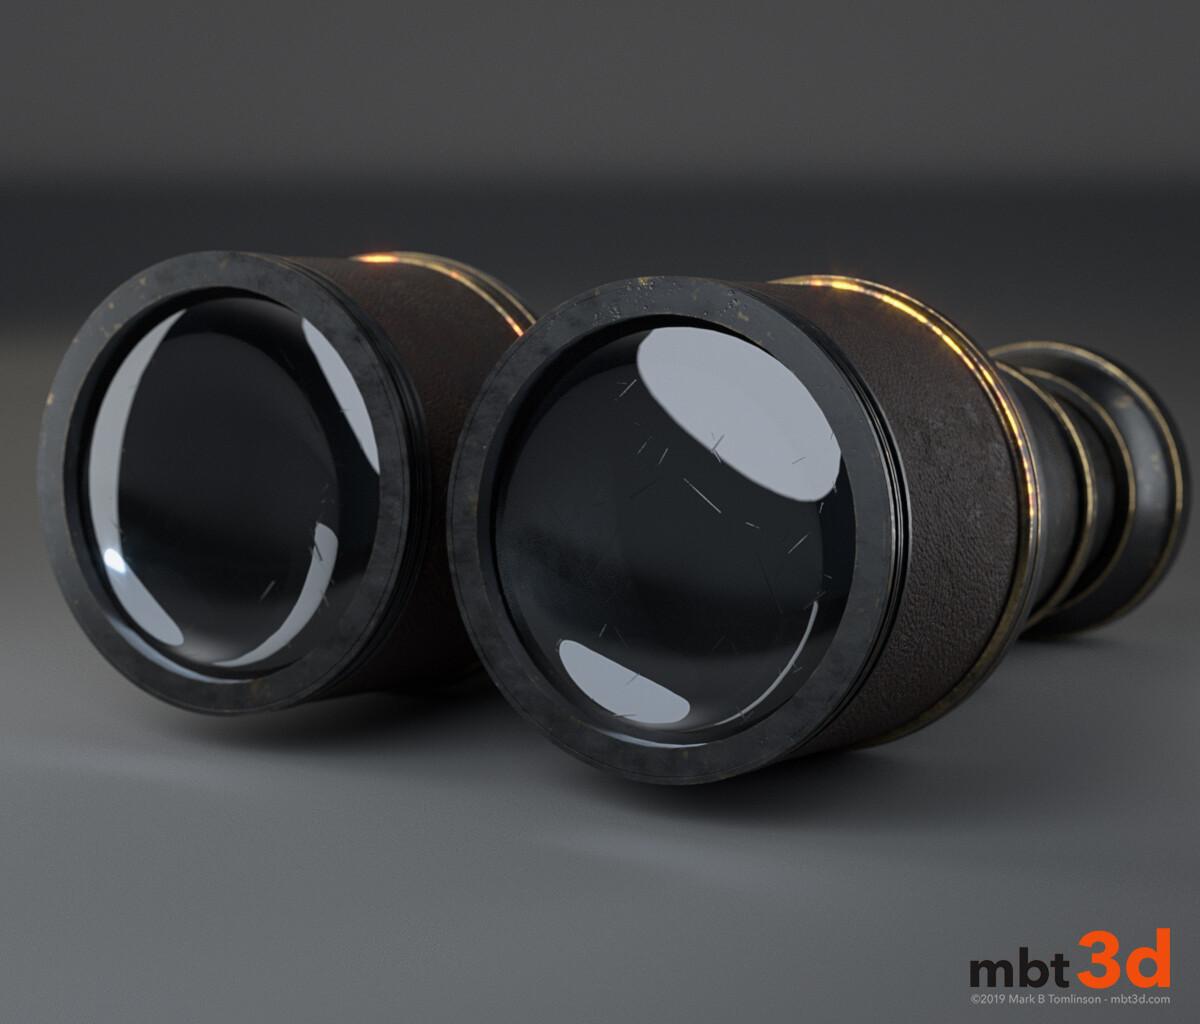 Binox: